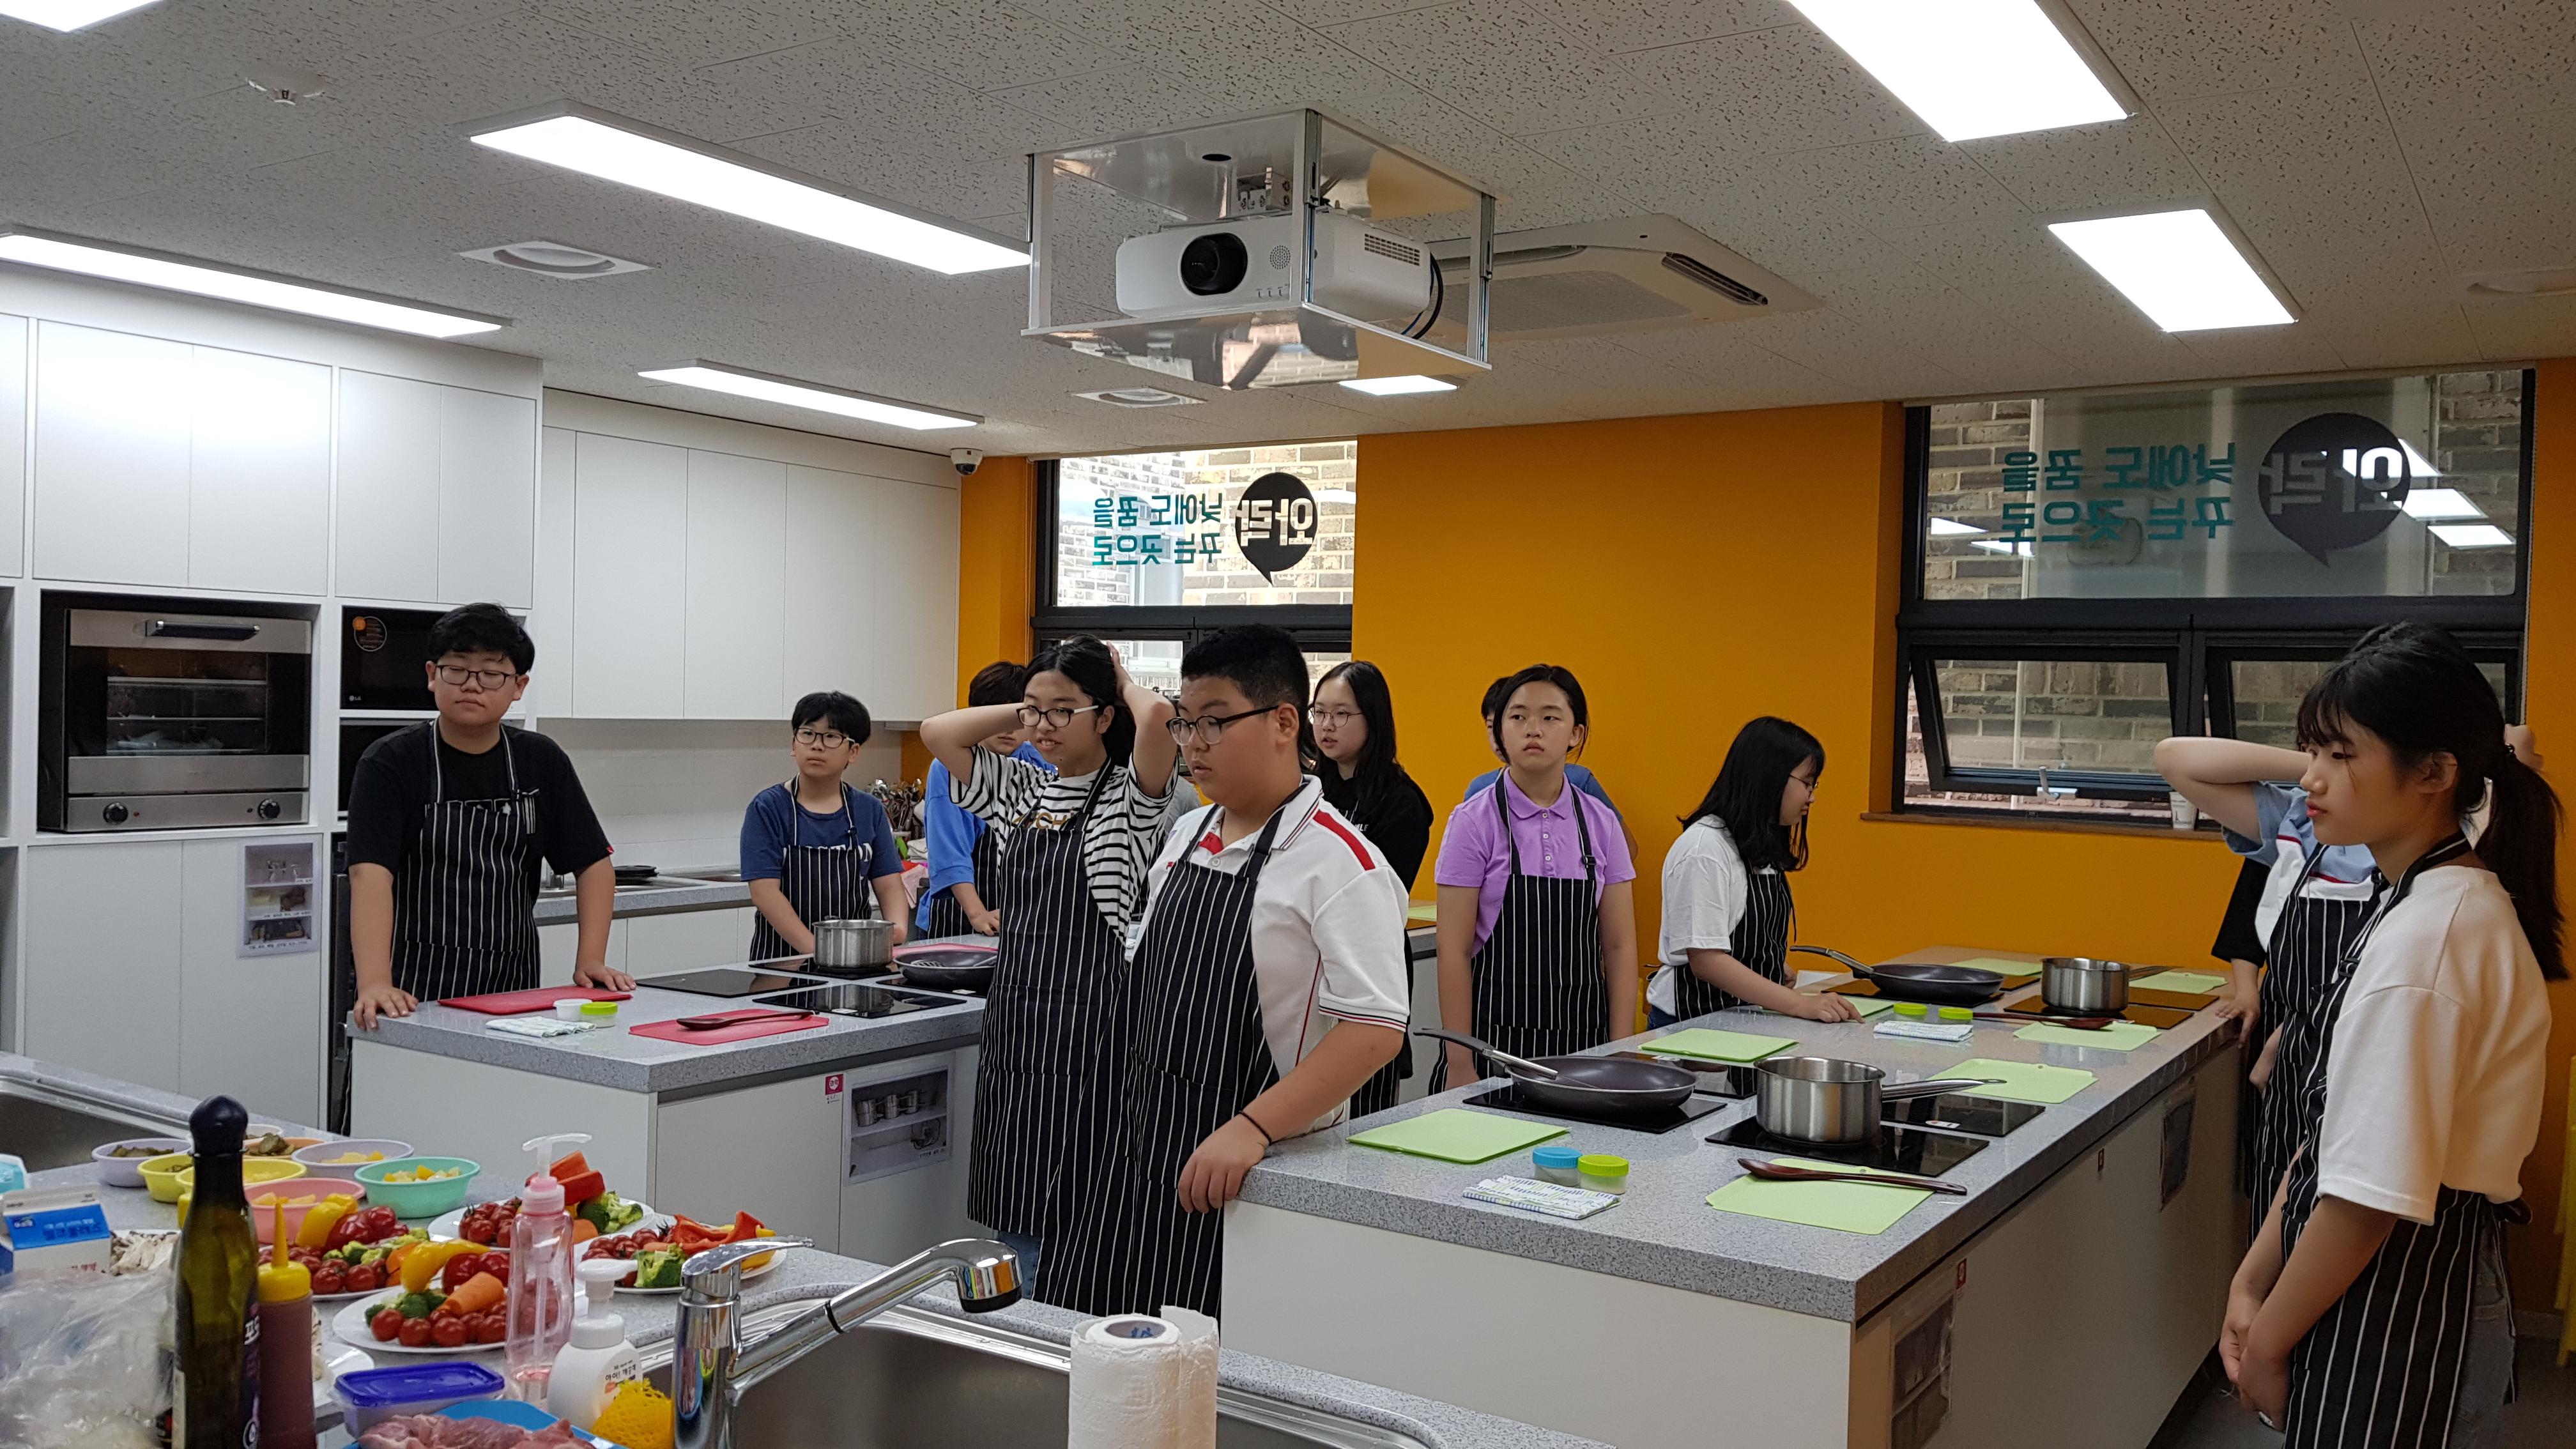 20190702 JOB기프로젝트_전농중_요리 (1)